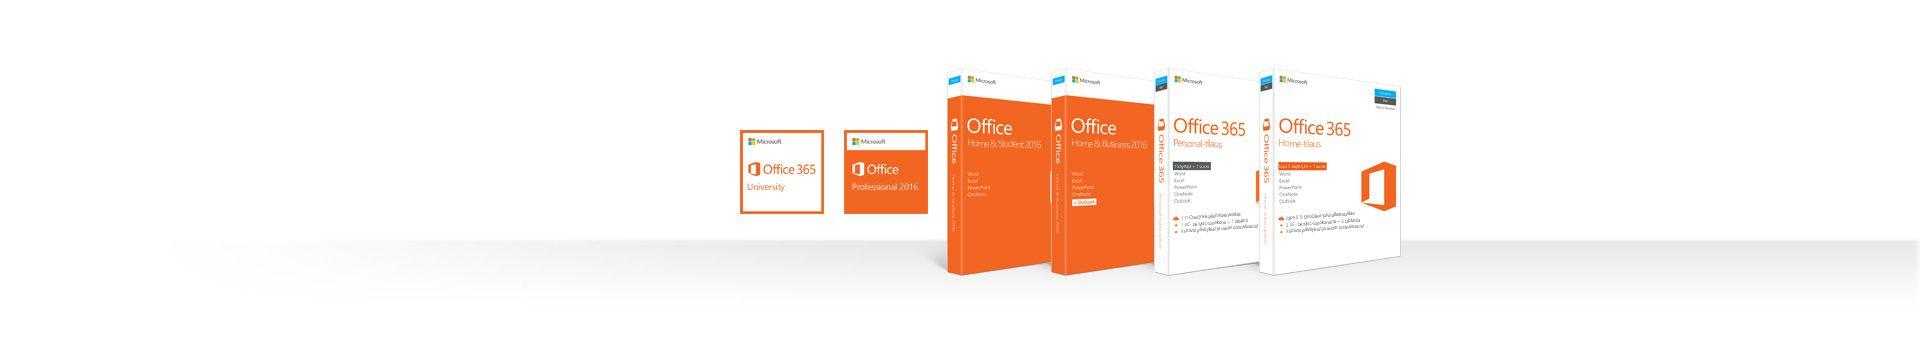 PC-tietokoneille tarkoitettuja Office-tilauksia ja -erillistuotteita kuvaava ruuturivi